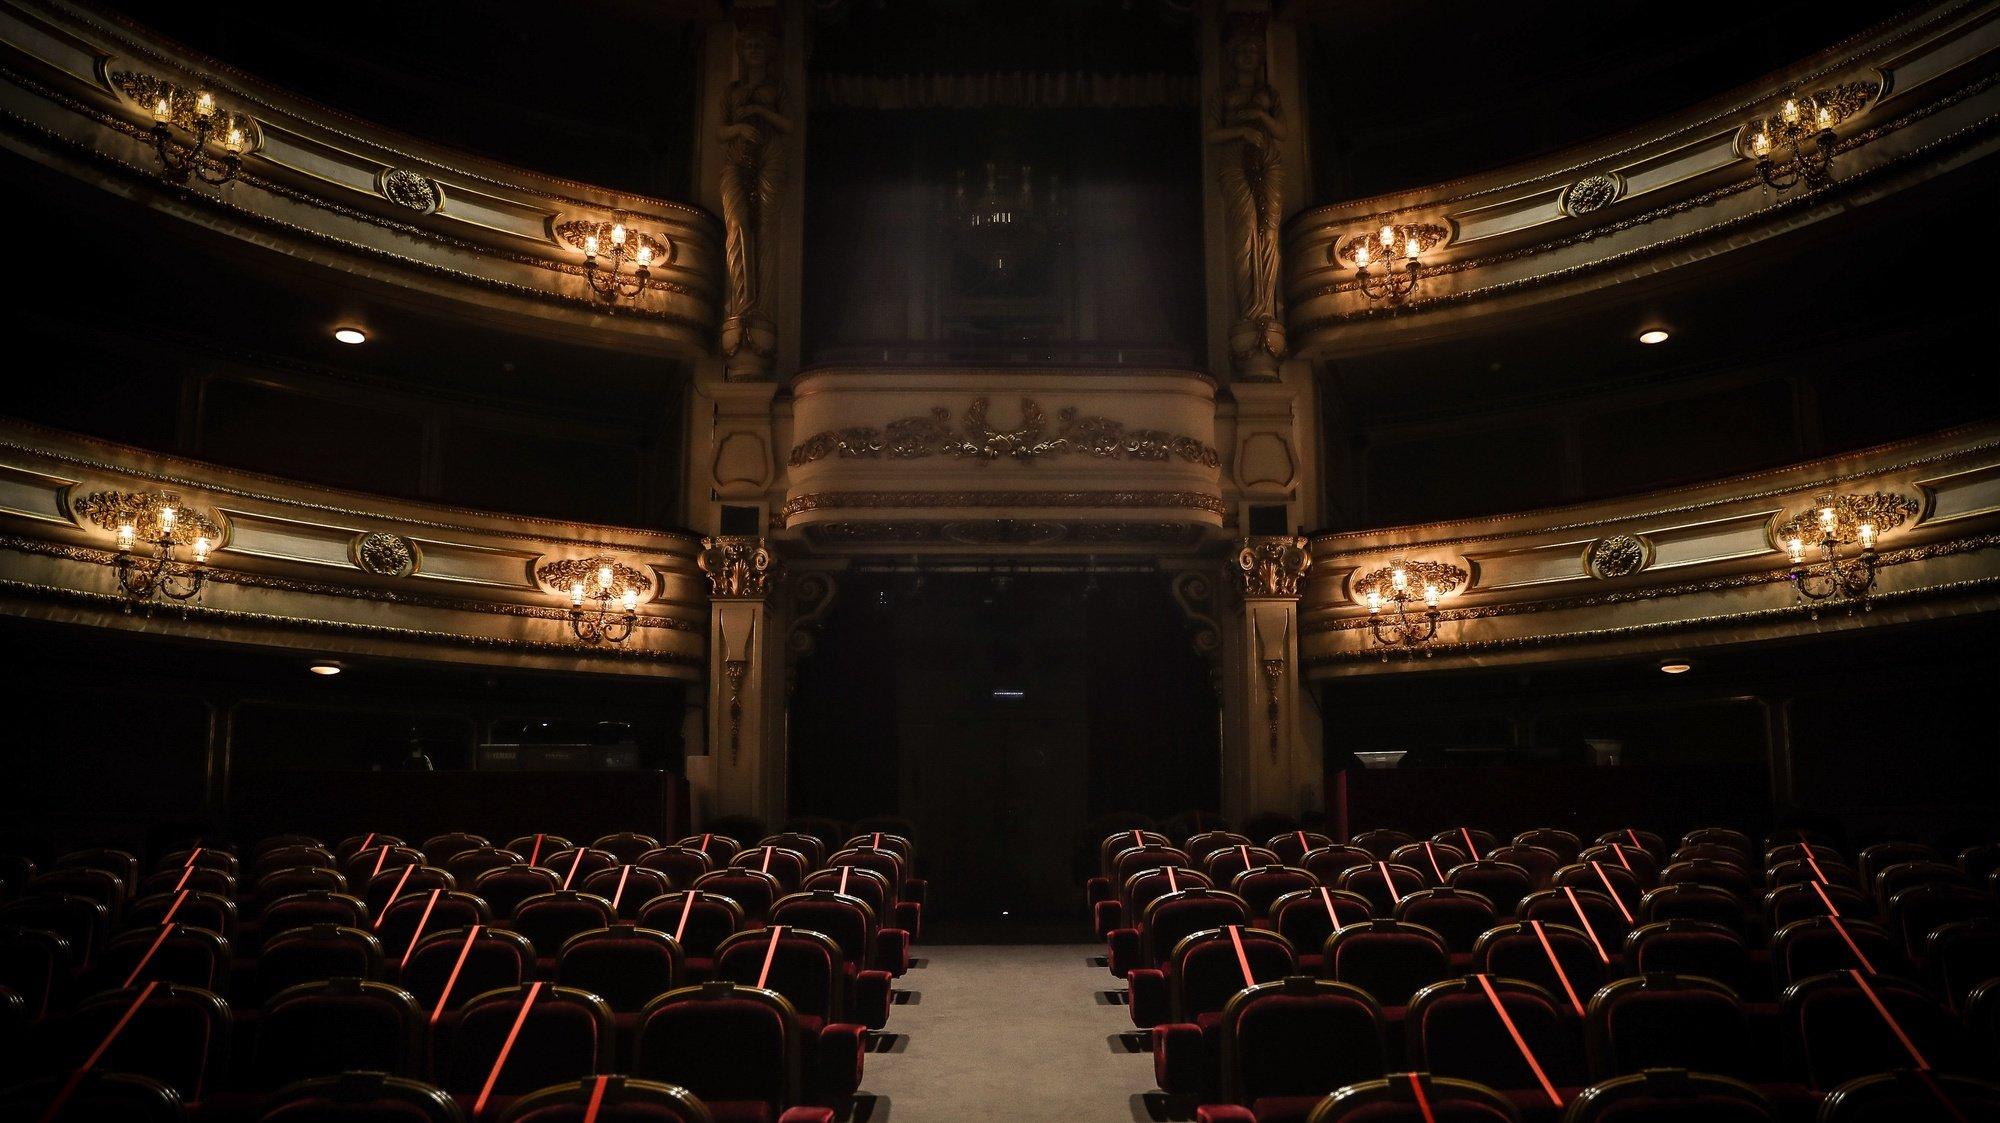 """Cadeiras interditas para a visualização da peça """"Catarina e a beleza de matar fascistas"""" antes da reabertura ao público, no âmbito das novas medidas de desconfinamento relacionadas com a pandemia da covid-19, no Teatro Nacional D. Maria II , em Lisboa, 19 de abril de 2021. (ACOMPANHA TEXTO) MÁRIO CRUZ/LUSA"""